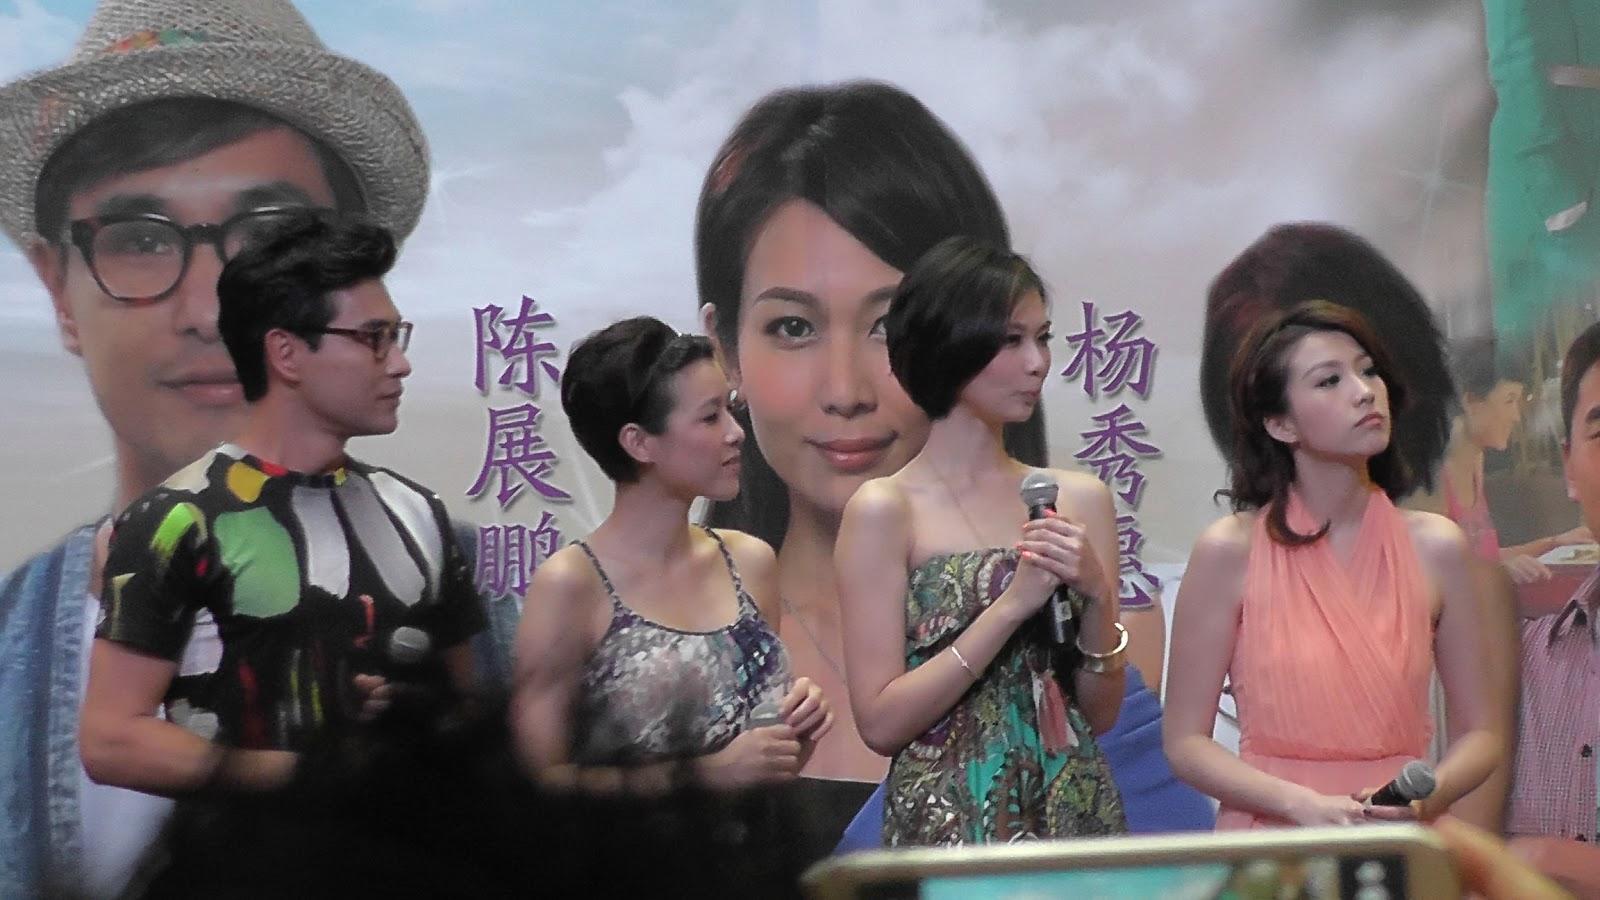 elaine yiu outbound love - photo #11